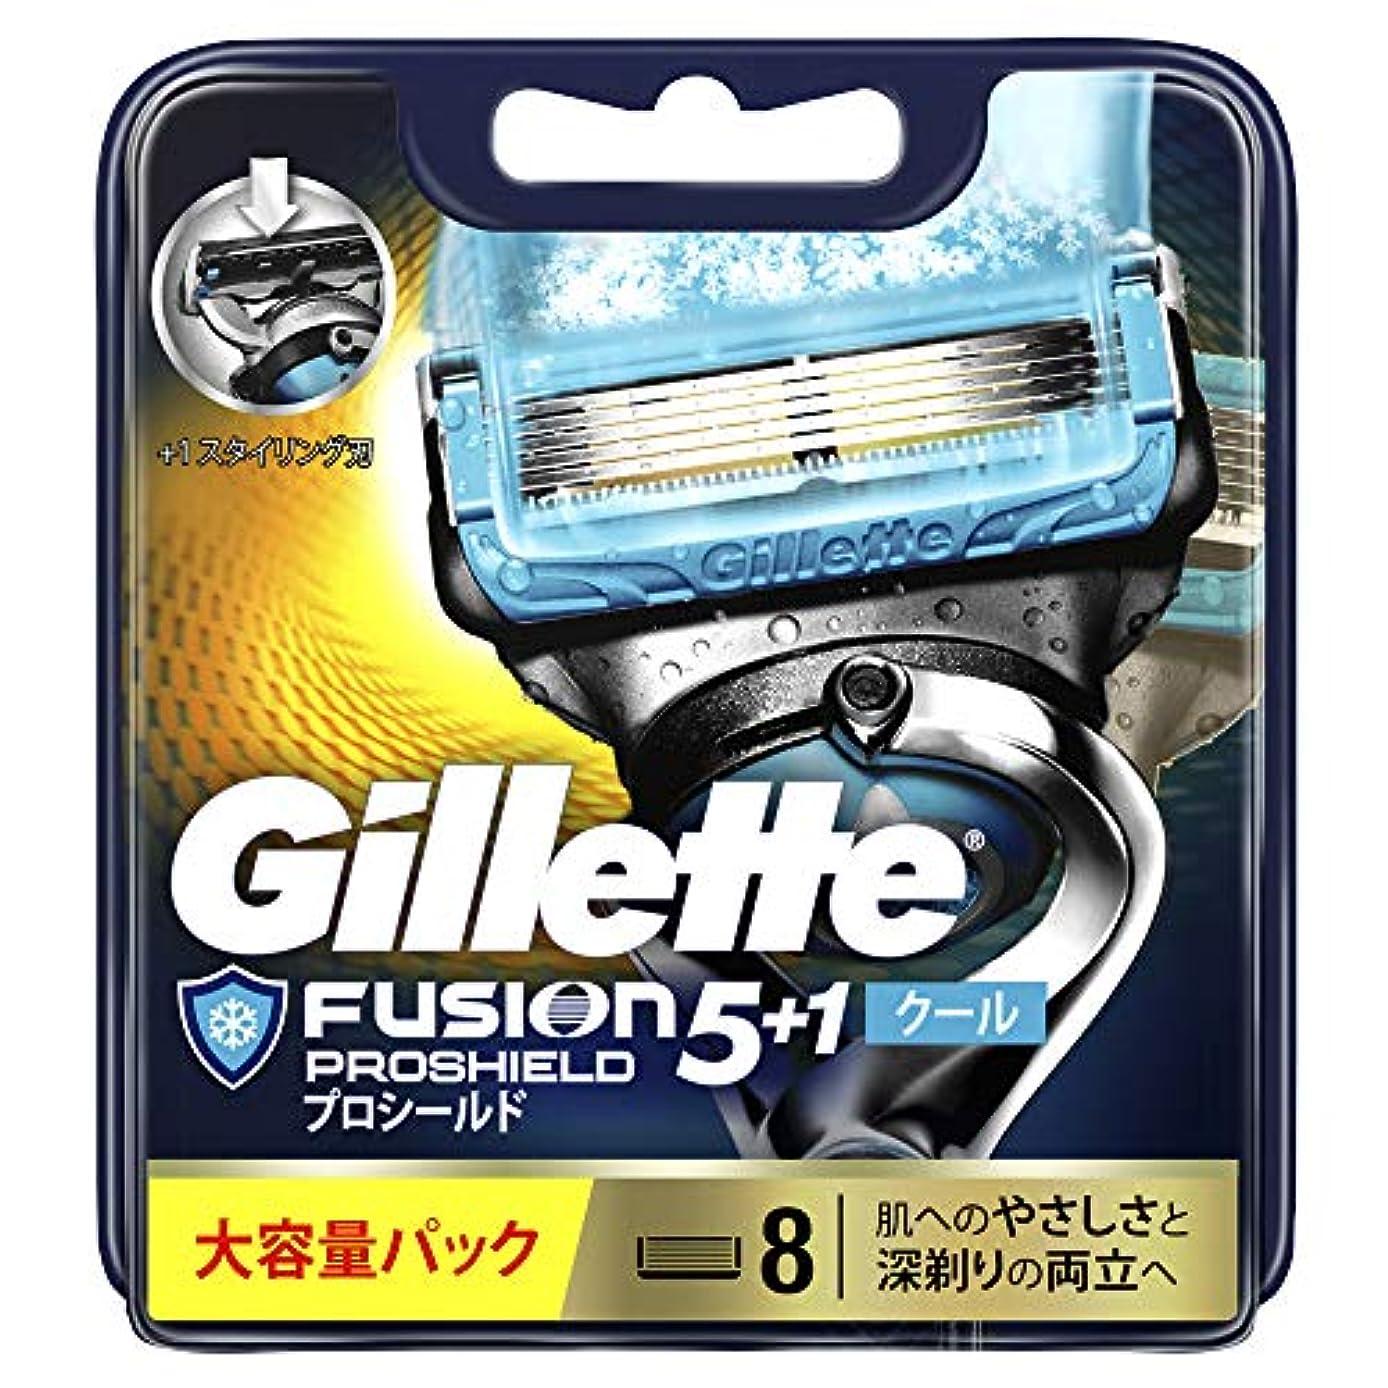 ジレット 髭剃り フュージョン5+1 プロシールド クール 替刃 8個入